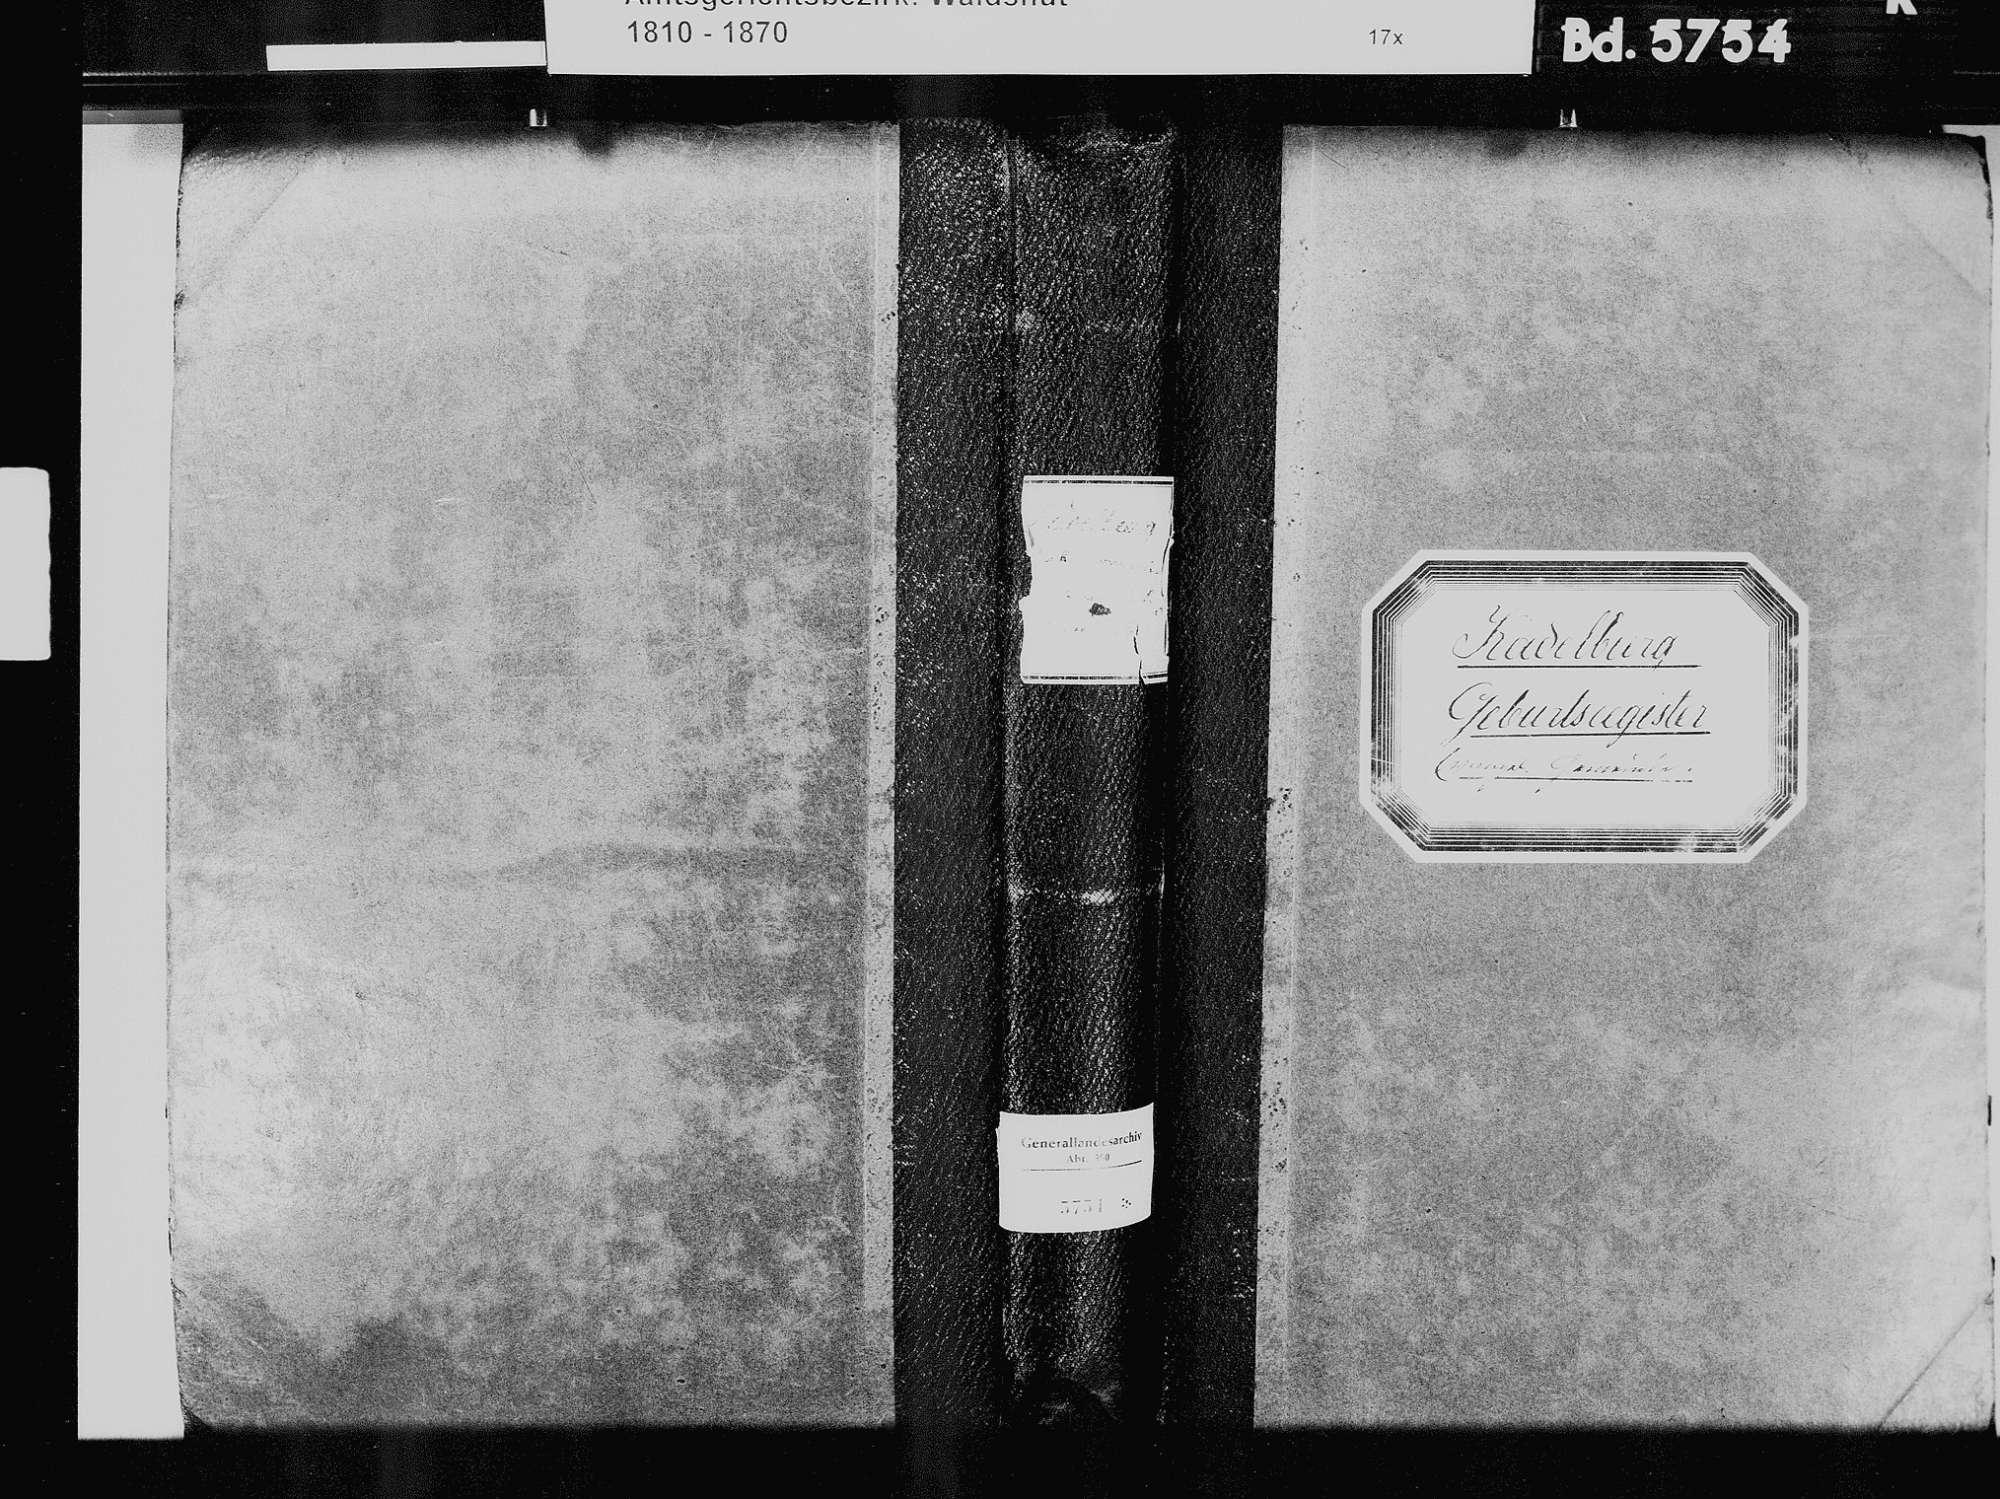 Kadelburg, Küssaberg WT; Evangelische Gemeinde: Geburtenbuch 1810-1869 Kadelburg, Küssaberg WT; Evangelische Gemeinde: Heiratsbuch 1835, Bild 2